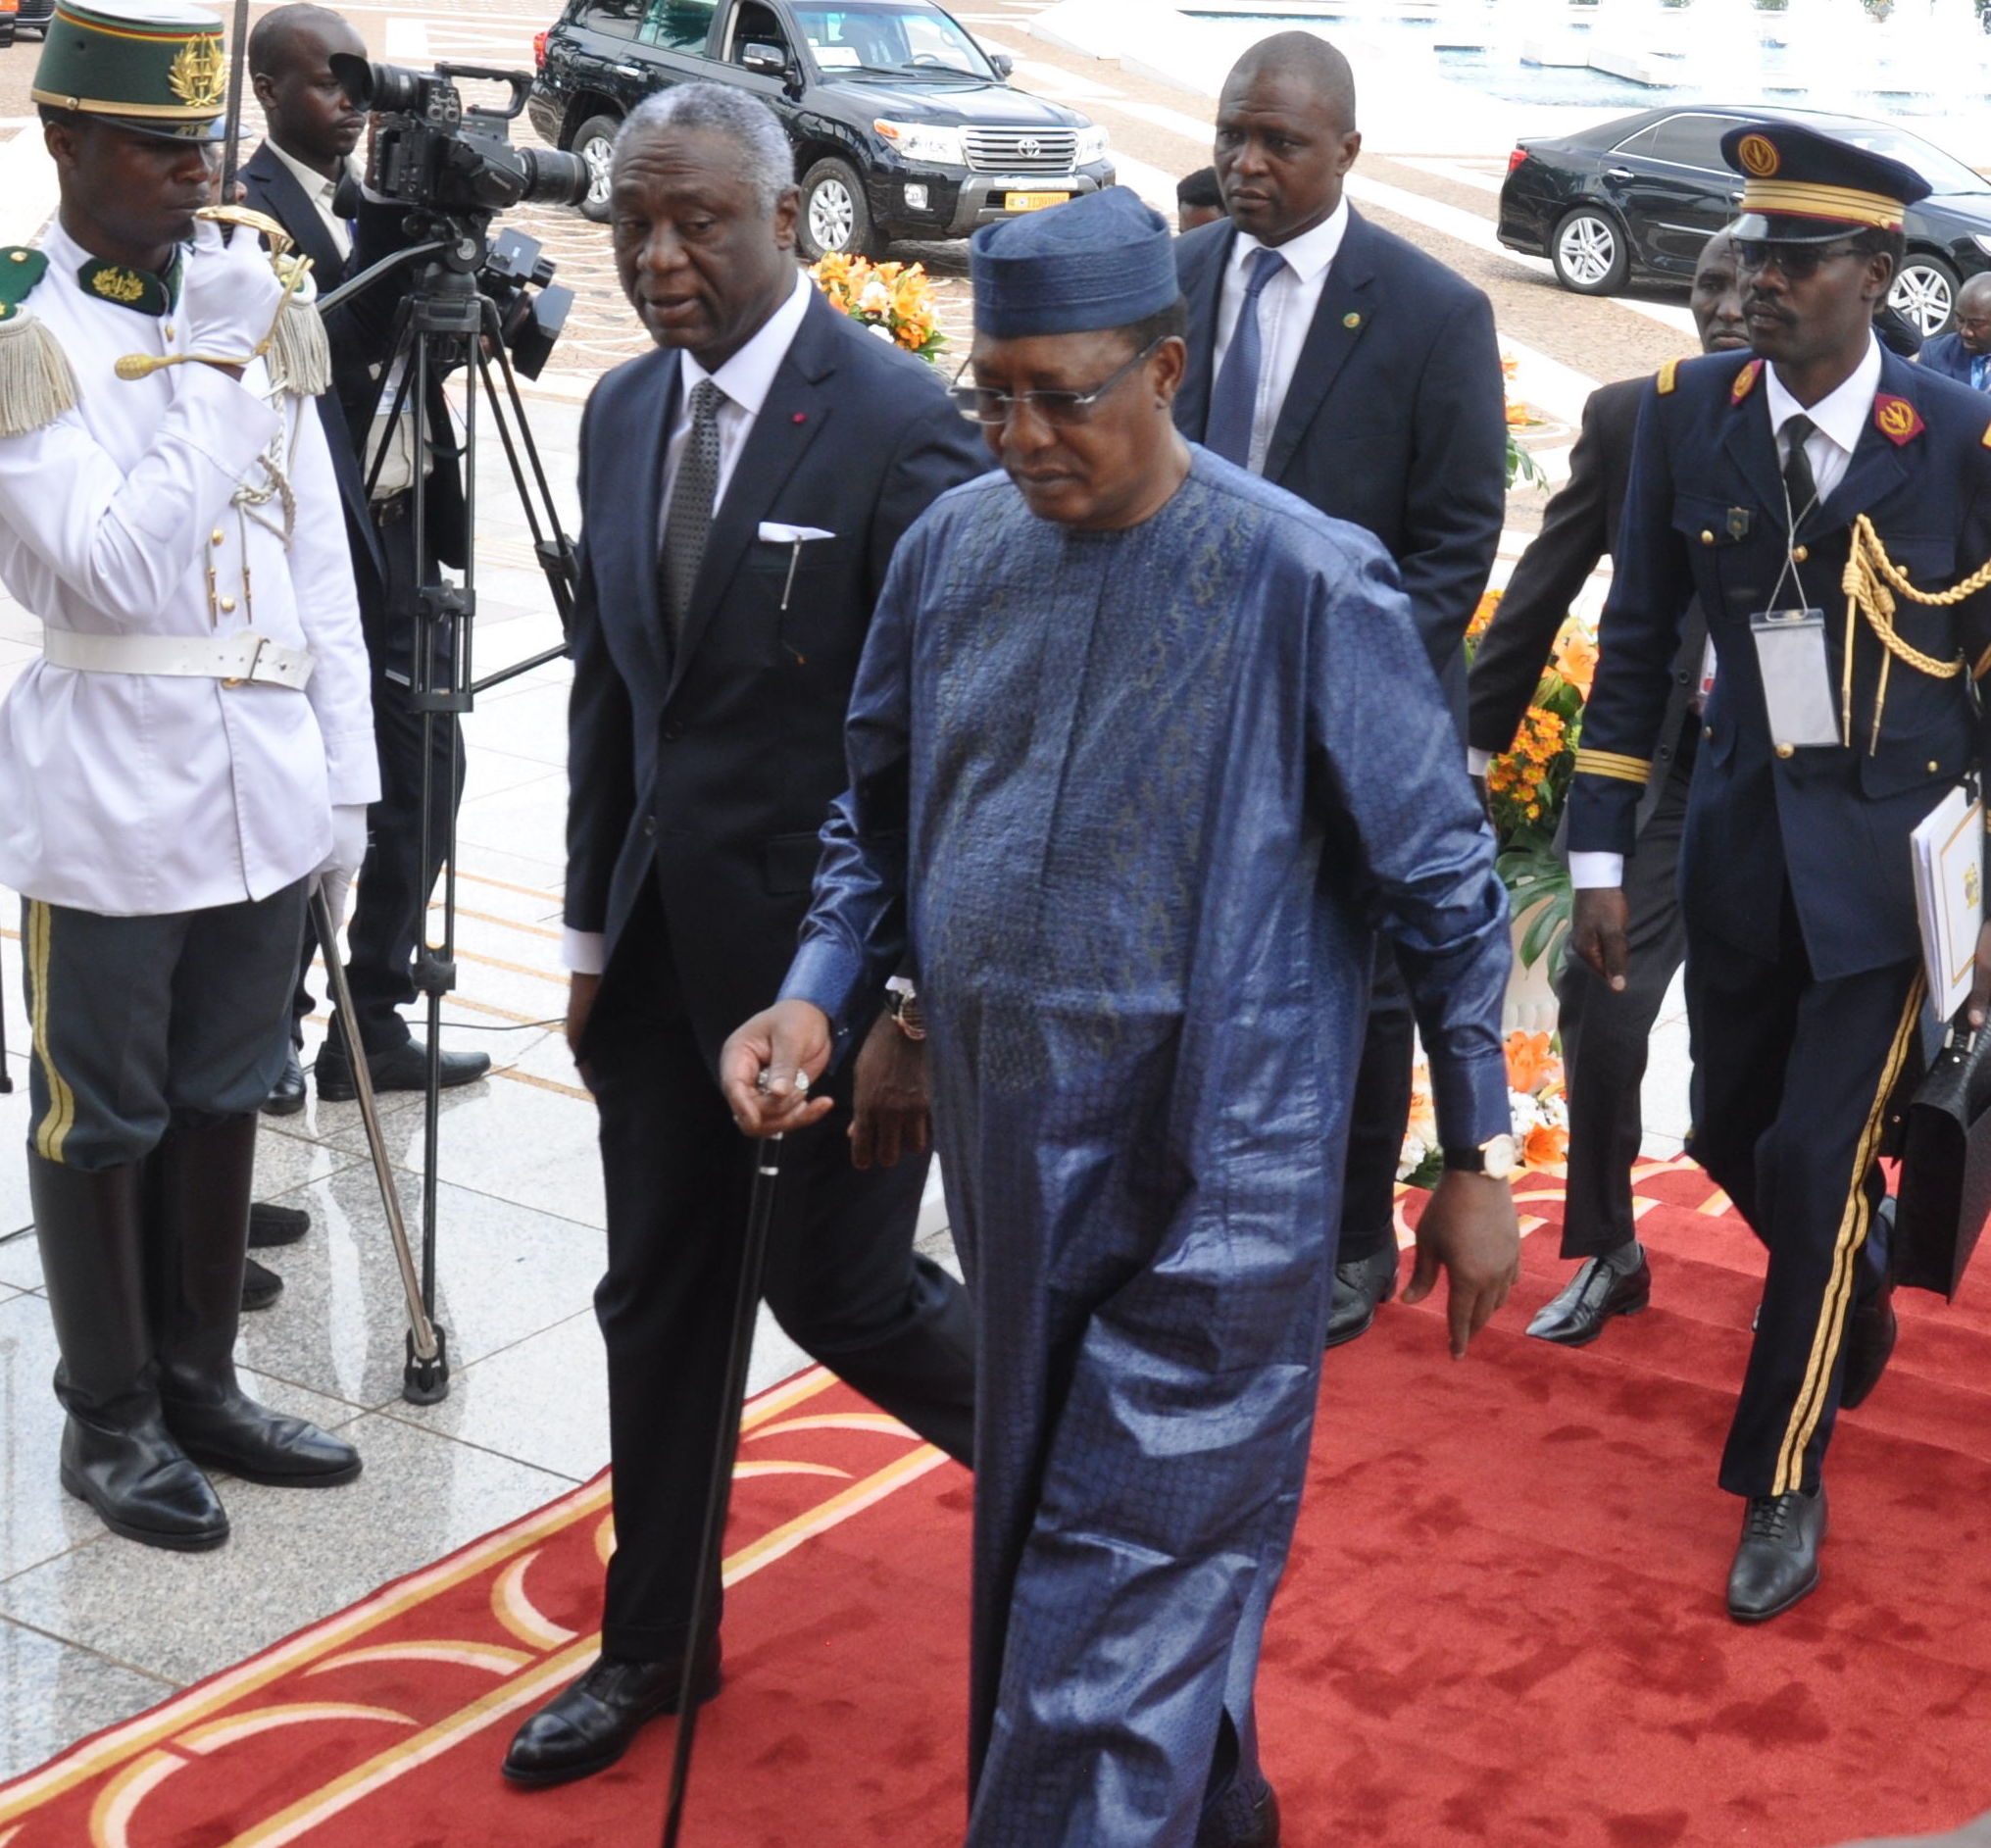 Arrivée du Président tchadien Idriss Déby Itno au sommet extraordinaire de la Cemac à Yaoundé